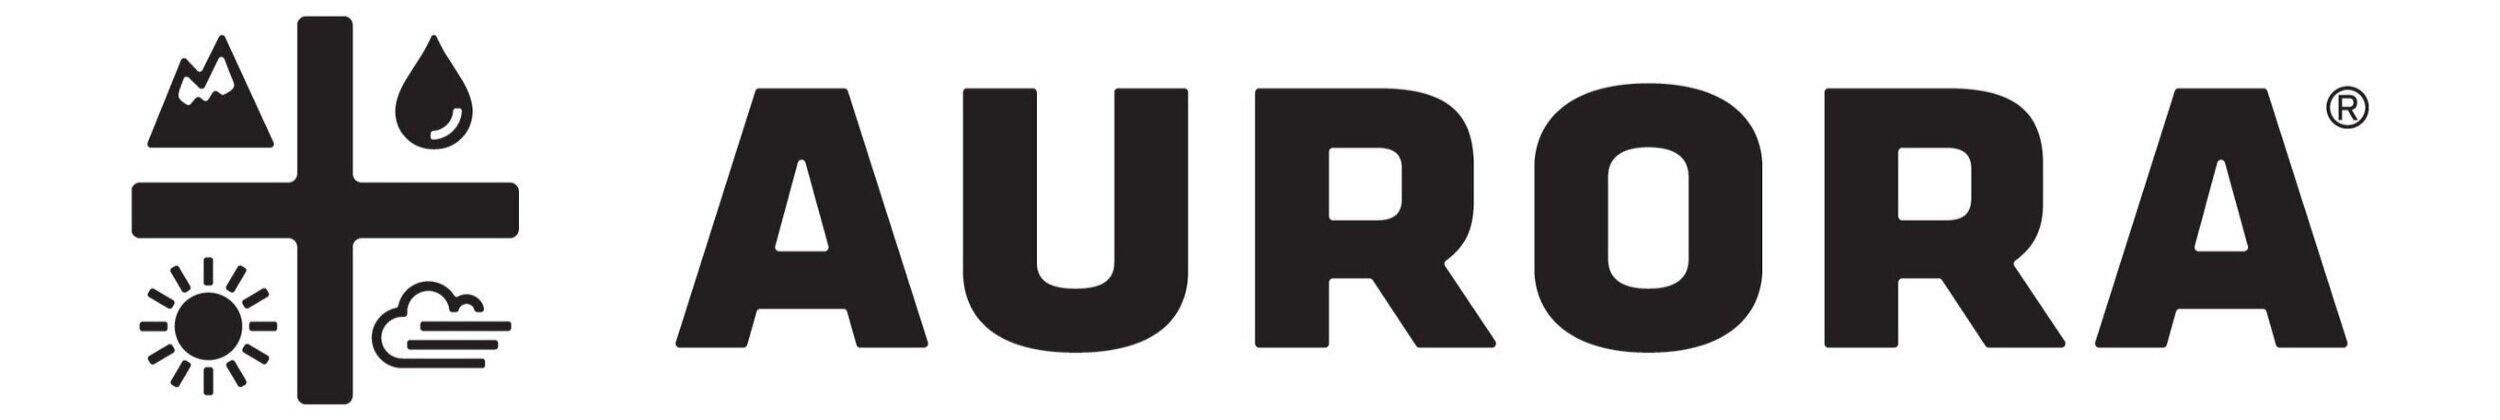 aurora+logo+2.jpg